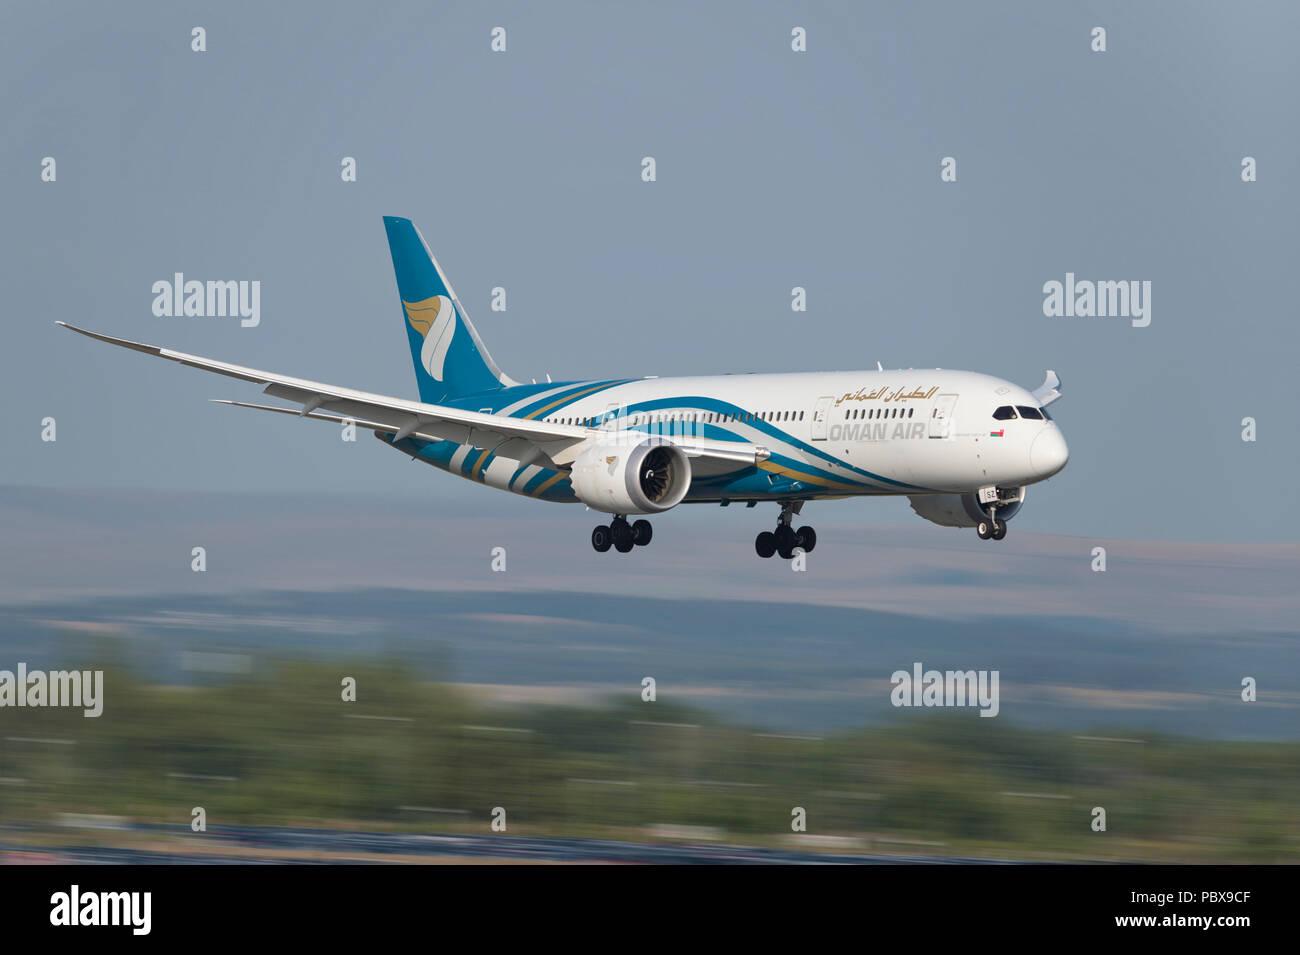 Un Boeing 787-8 Oman Air arrive sur terre à l'aéroport de Manchester, Royaume-Uni. Photo Stock